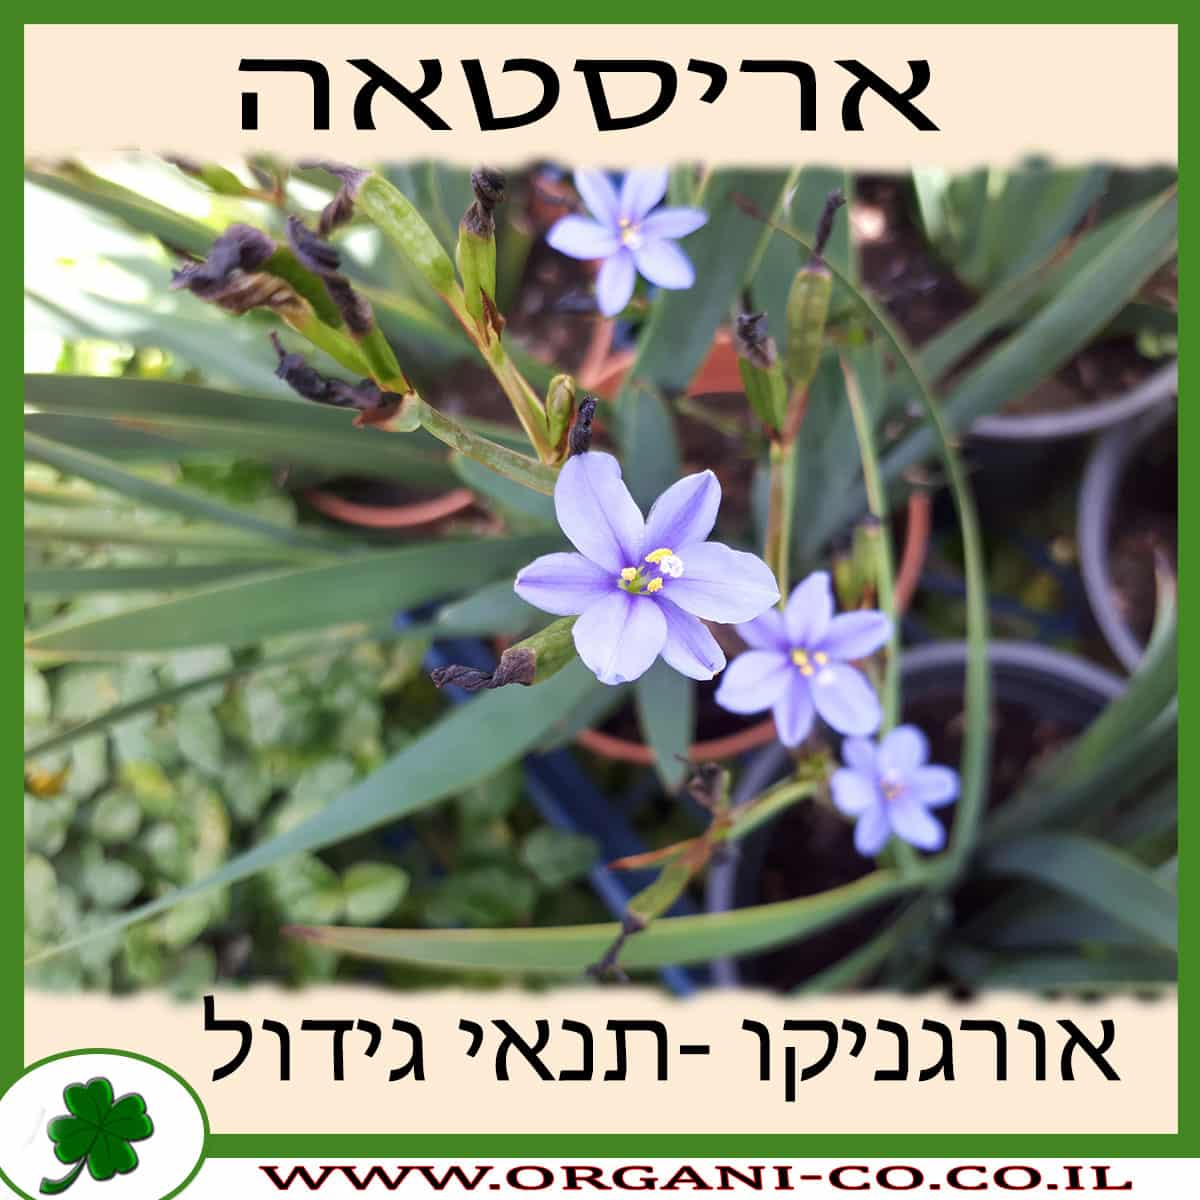 אריסטאה גידול צמח